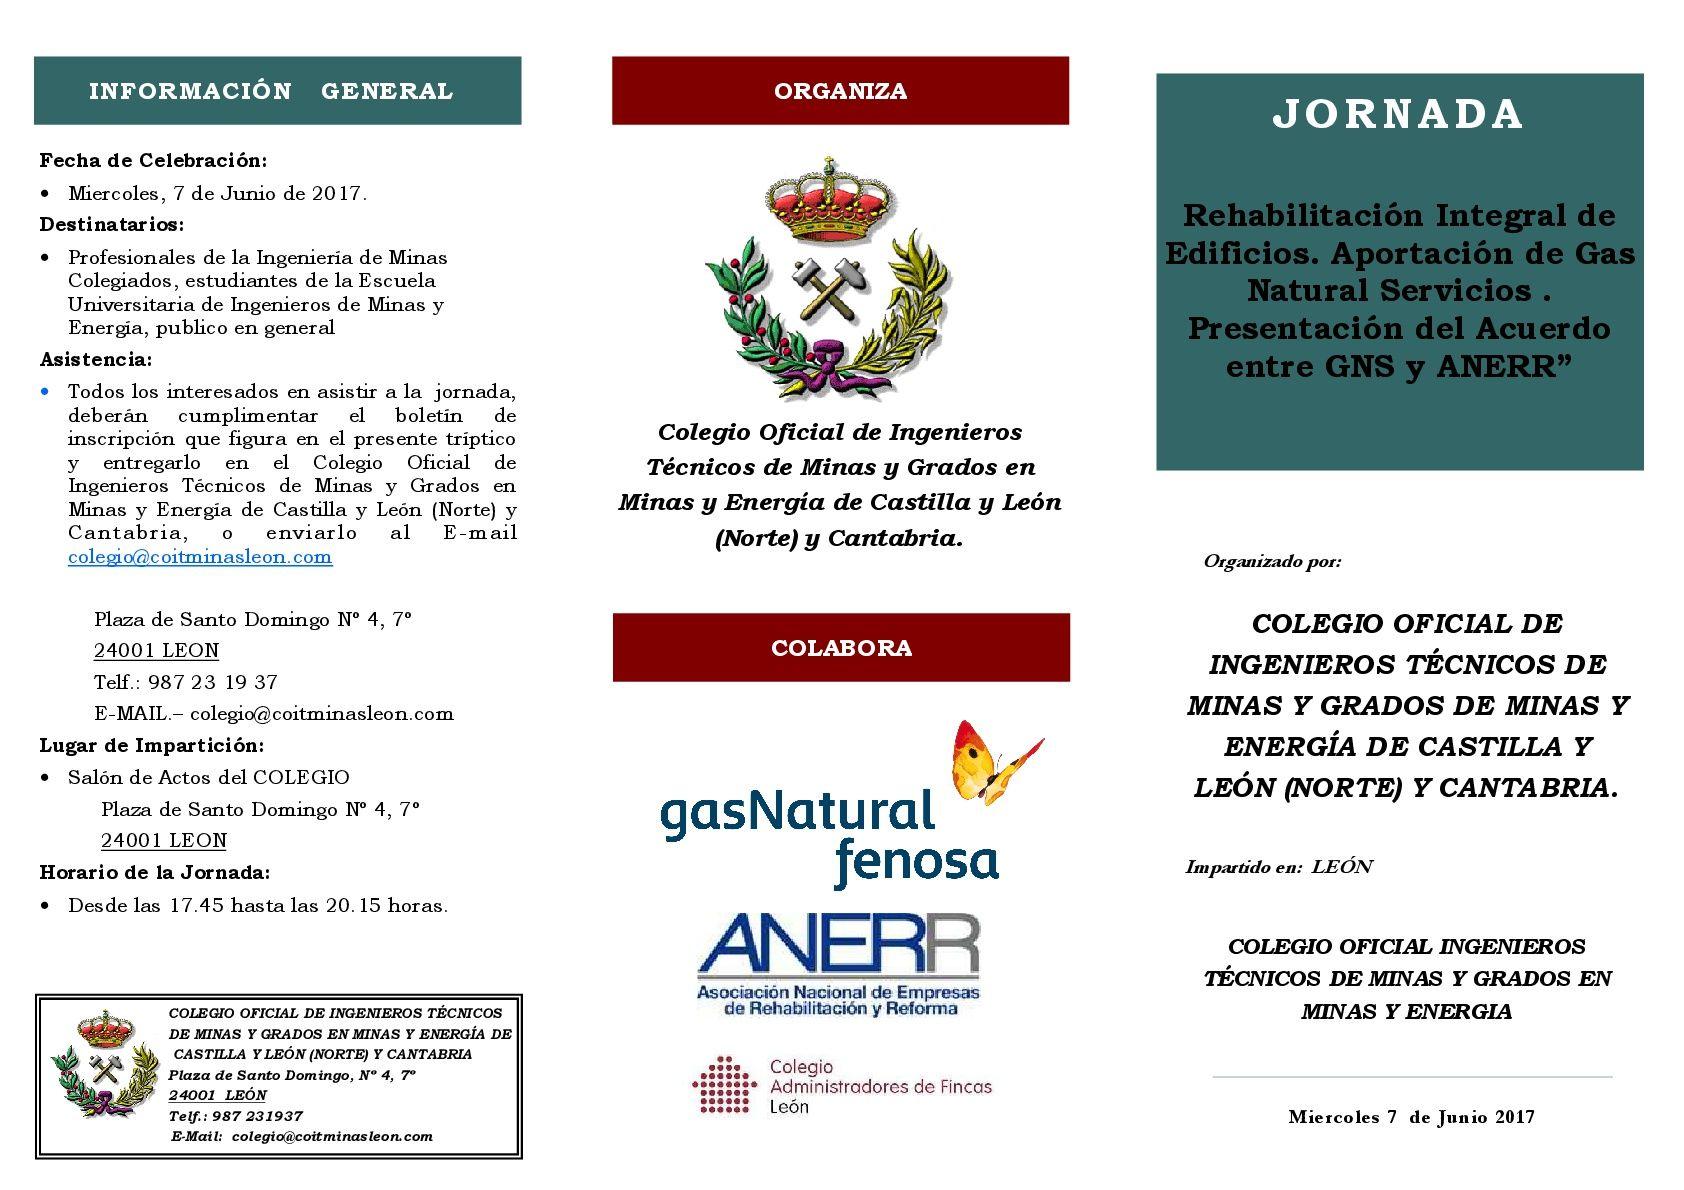 Jornada rehabilitacion integral de edificios aportacion for Gas natural servicios